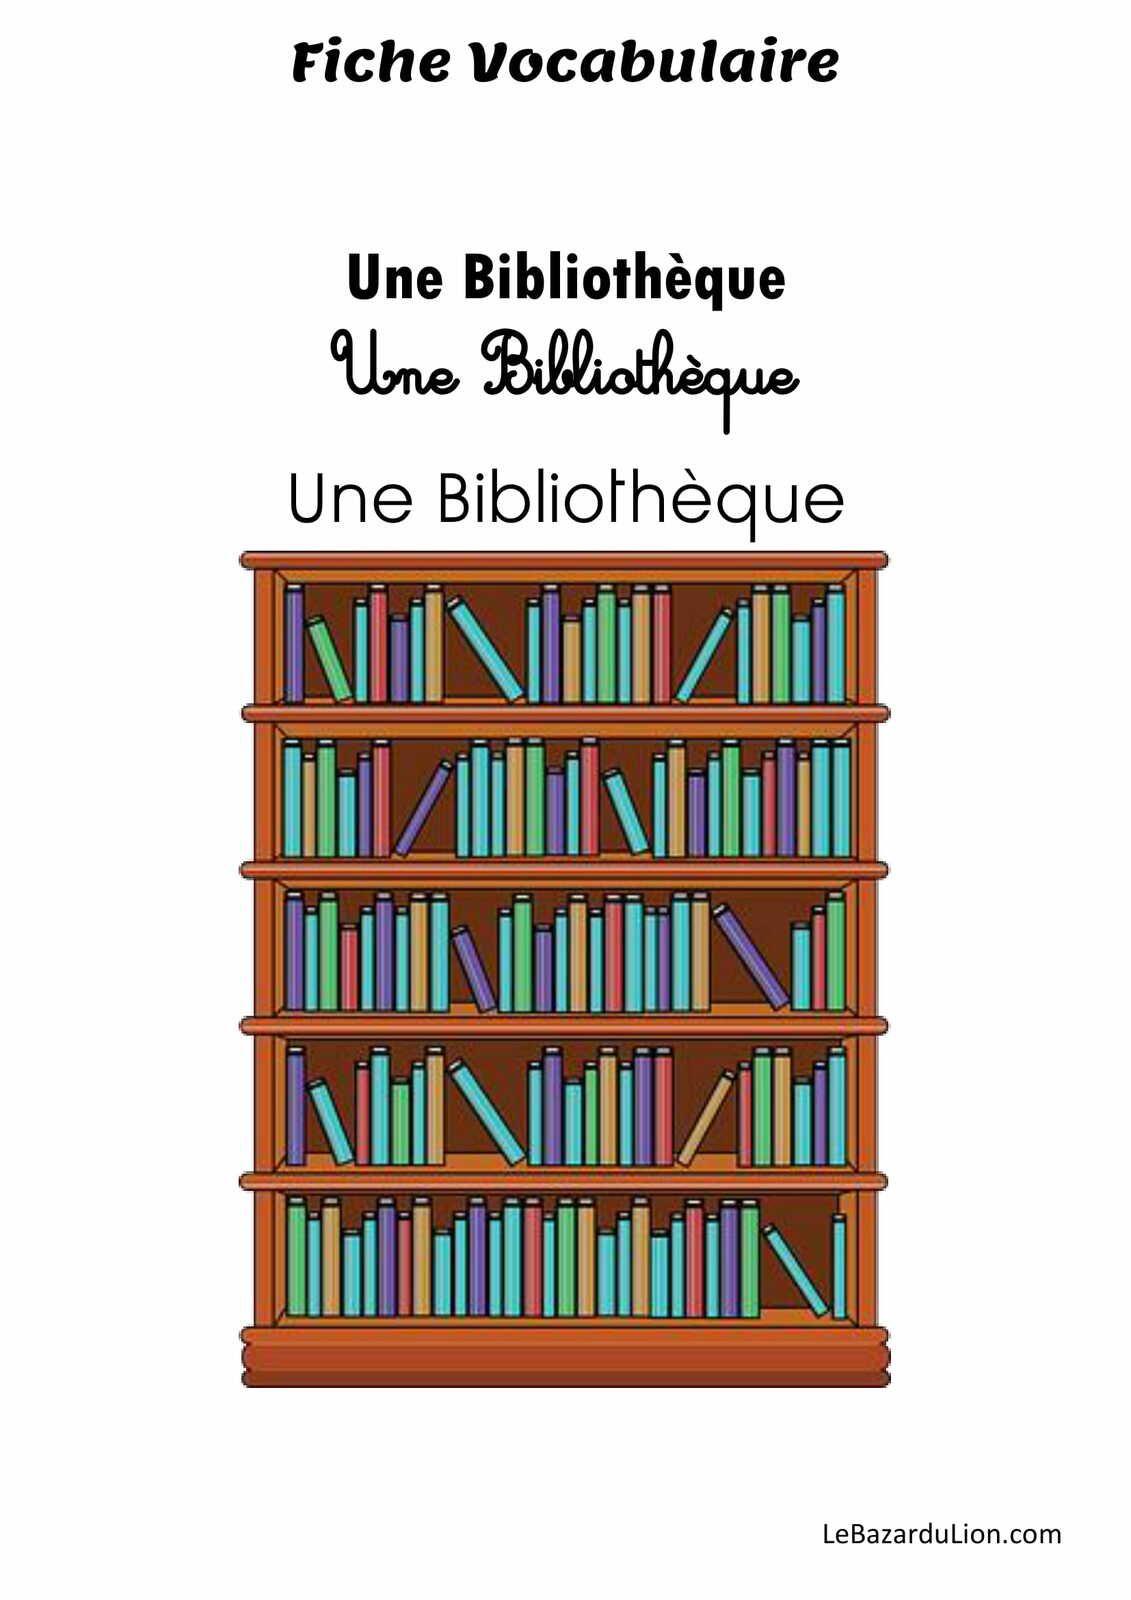 Lettre B - Lexique des dossiers lectures [Vocabulaire]